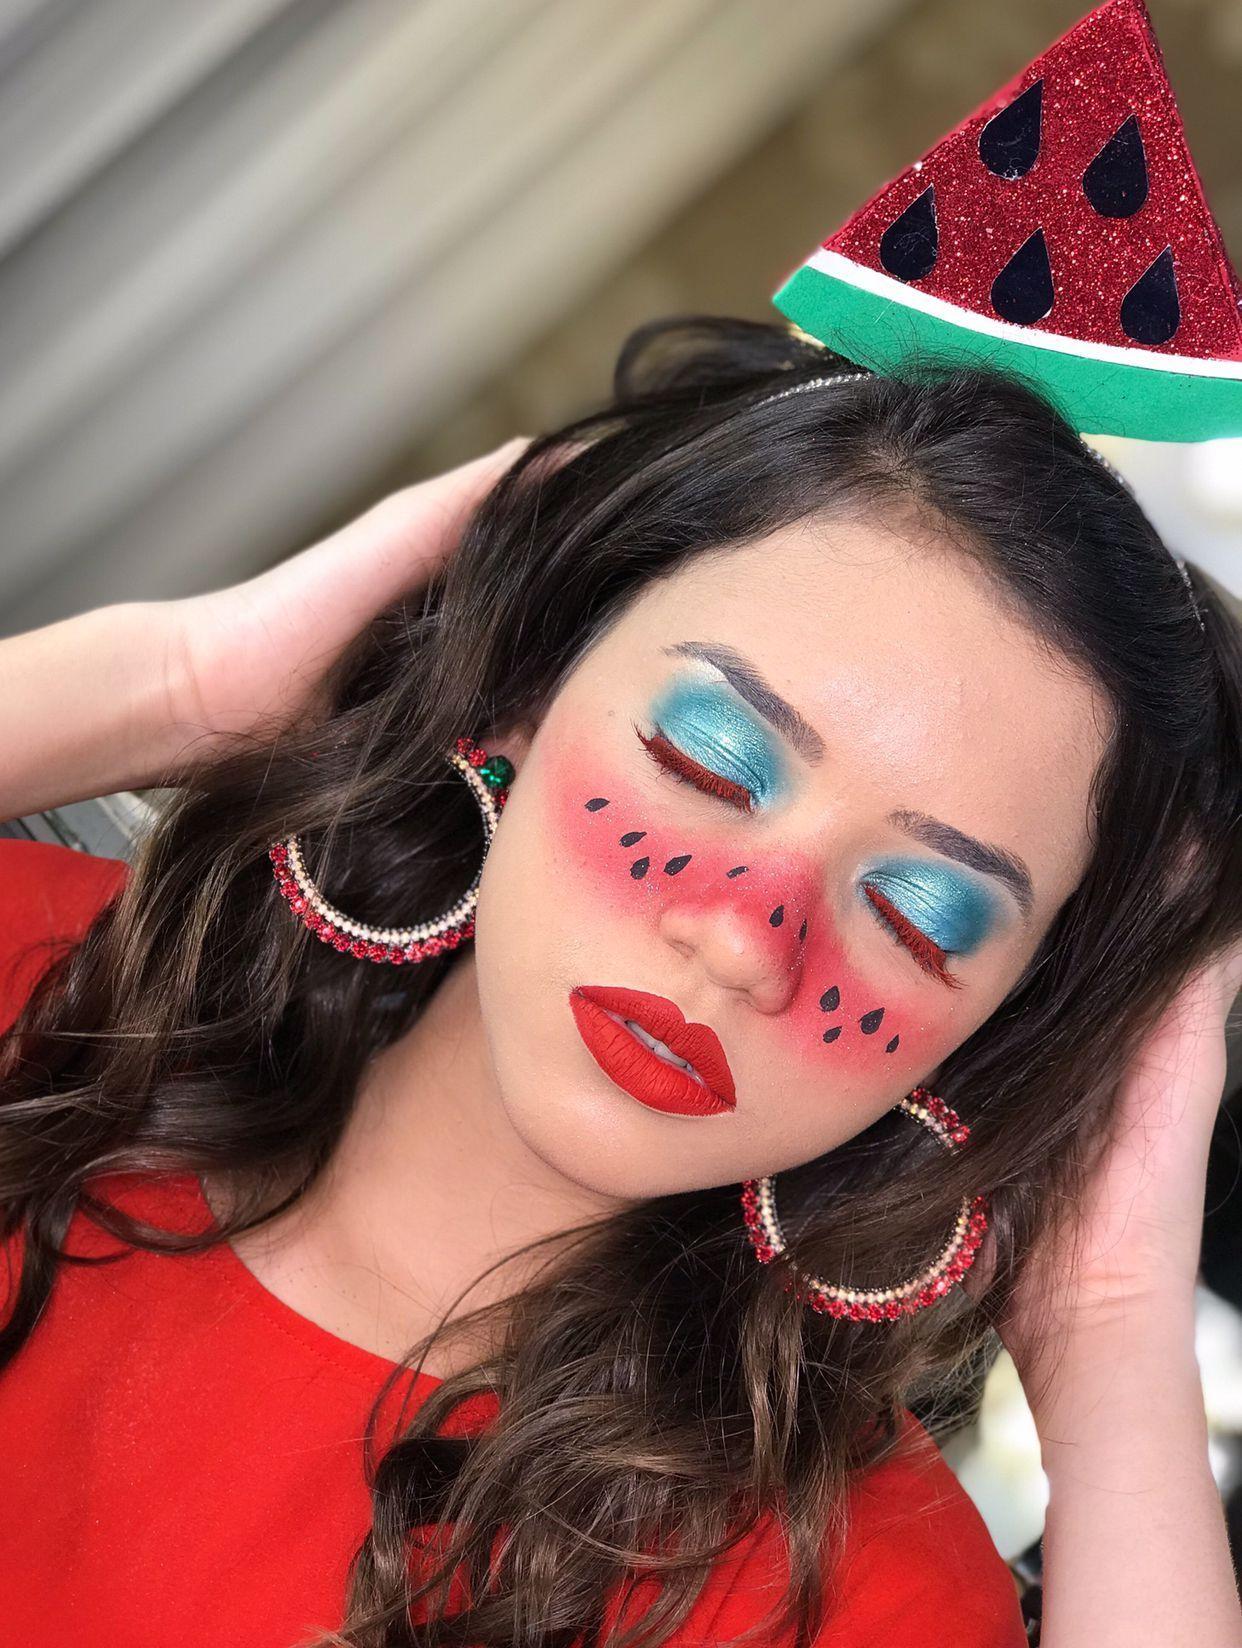 Vanessa Oliveira Vanessaoliveira Maquiagens Fotos Y Videos De Instagram Fantasia De Melancia Acessórios Carnaval Fantasias De Halloween Para Meninas